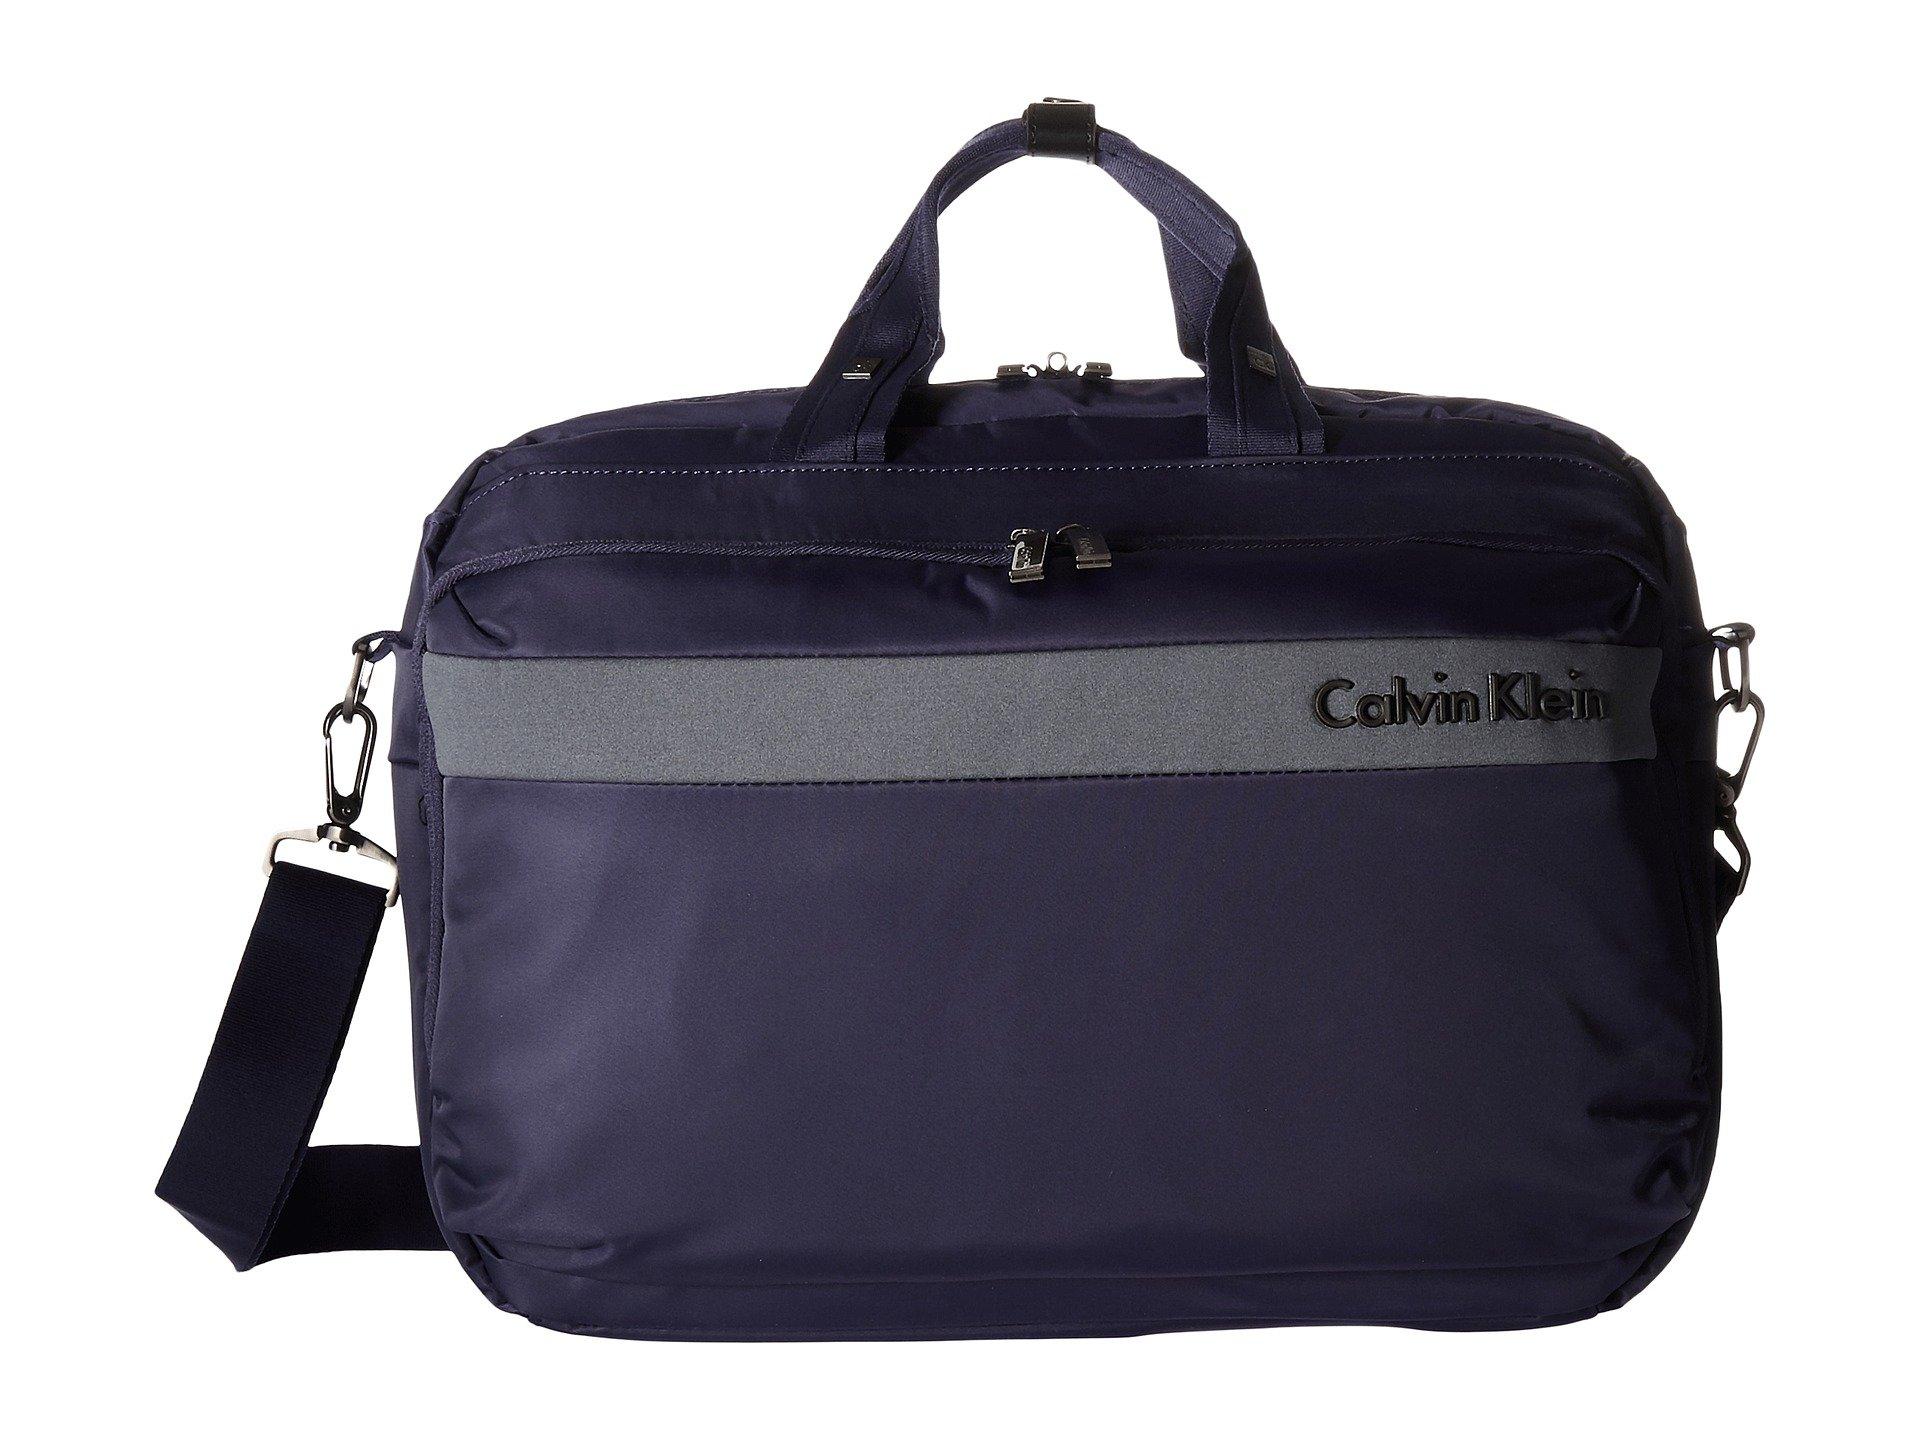 Funda para Portatil Calvin Klein Flatiron 3.0 Laptop Case  + Calvin Klein en VeoyCompro.net